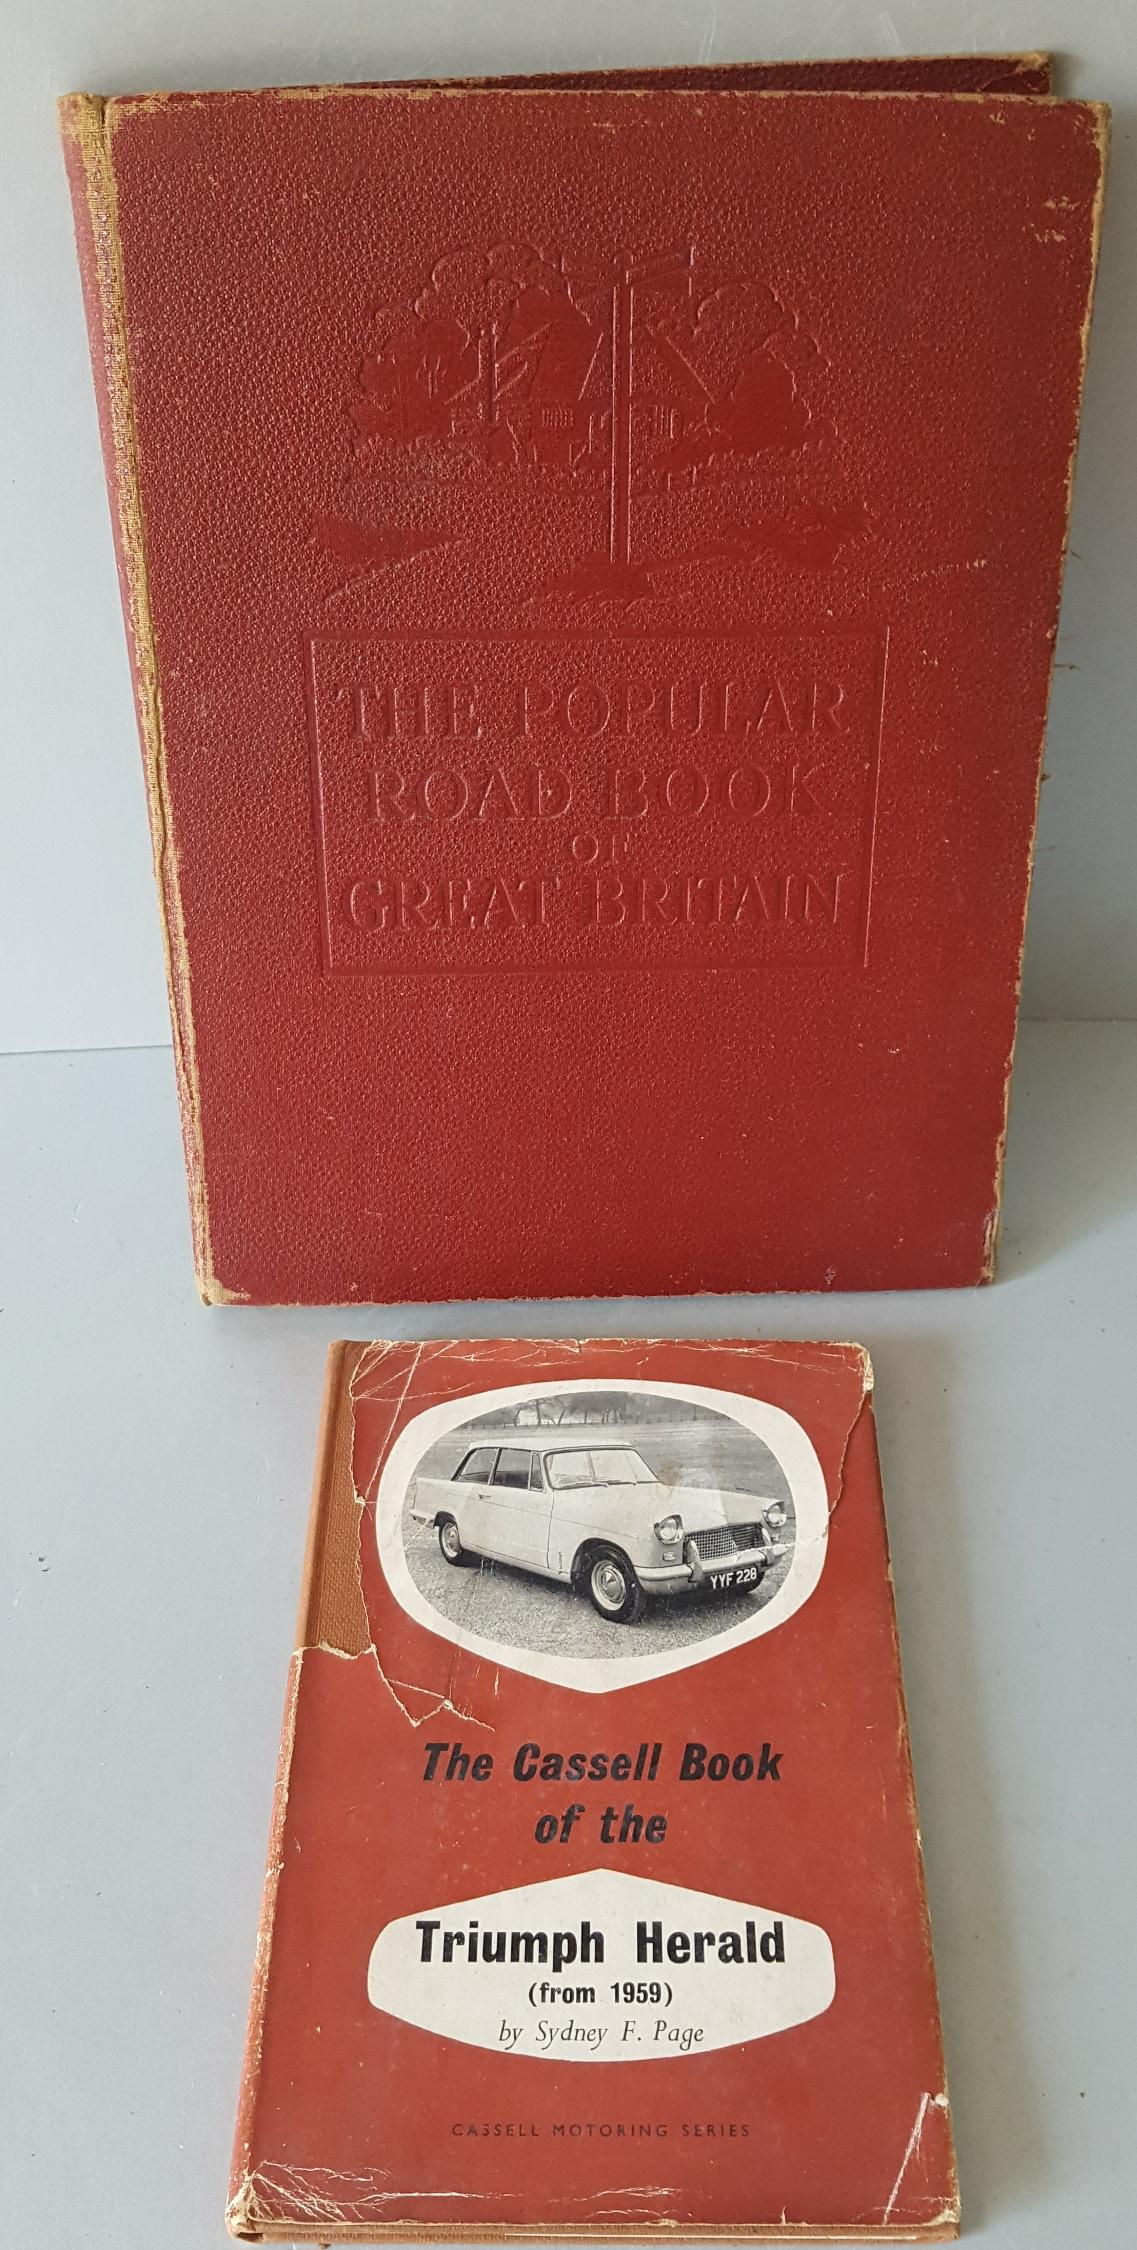 Lot 96 - Vintage Motoring Books Automobilia Includes Triumph Herald & Ford Cortina